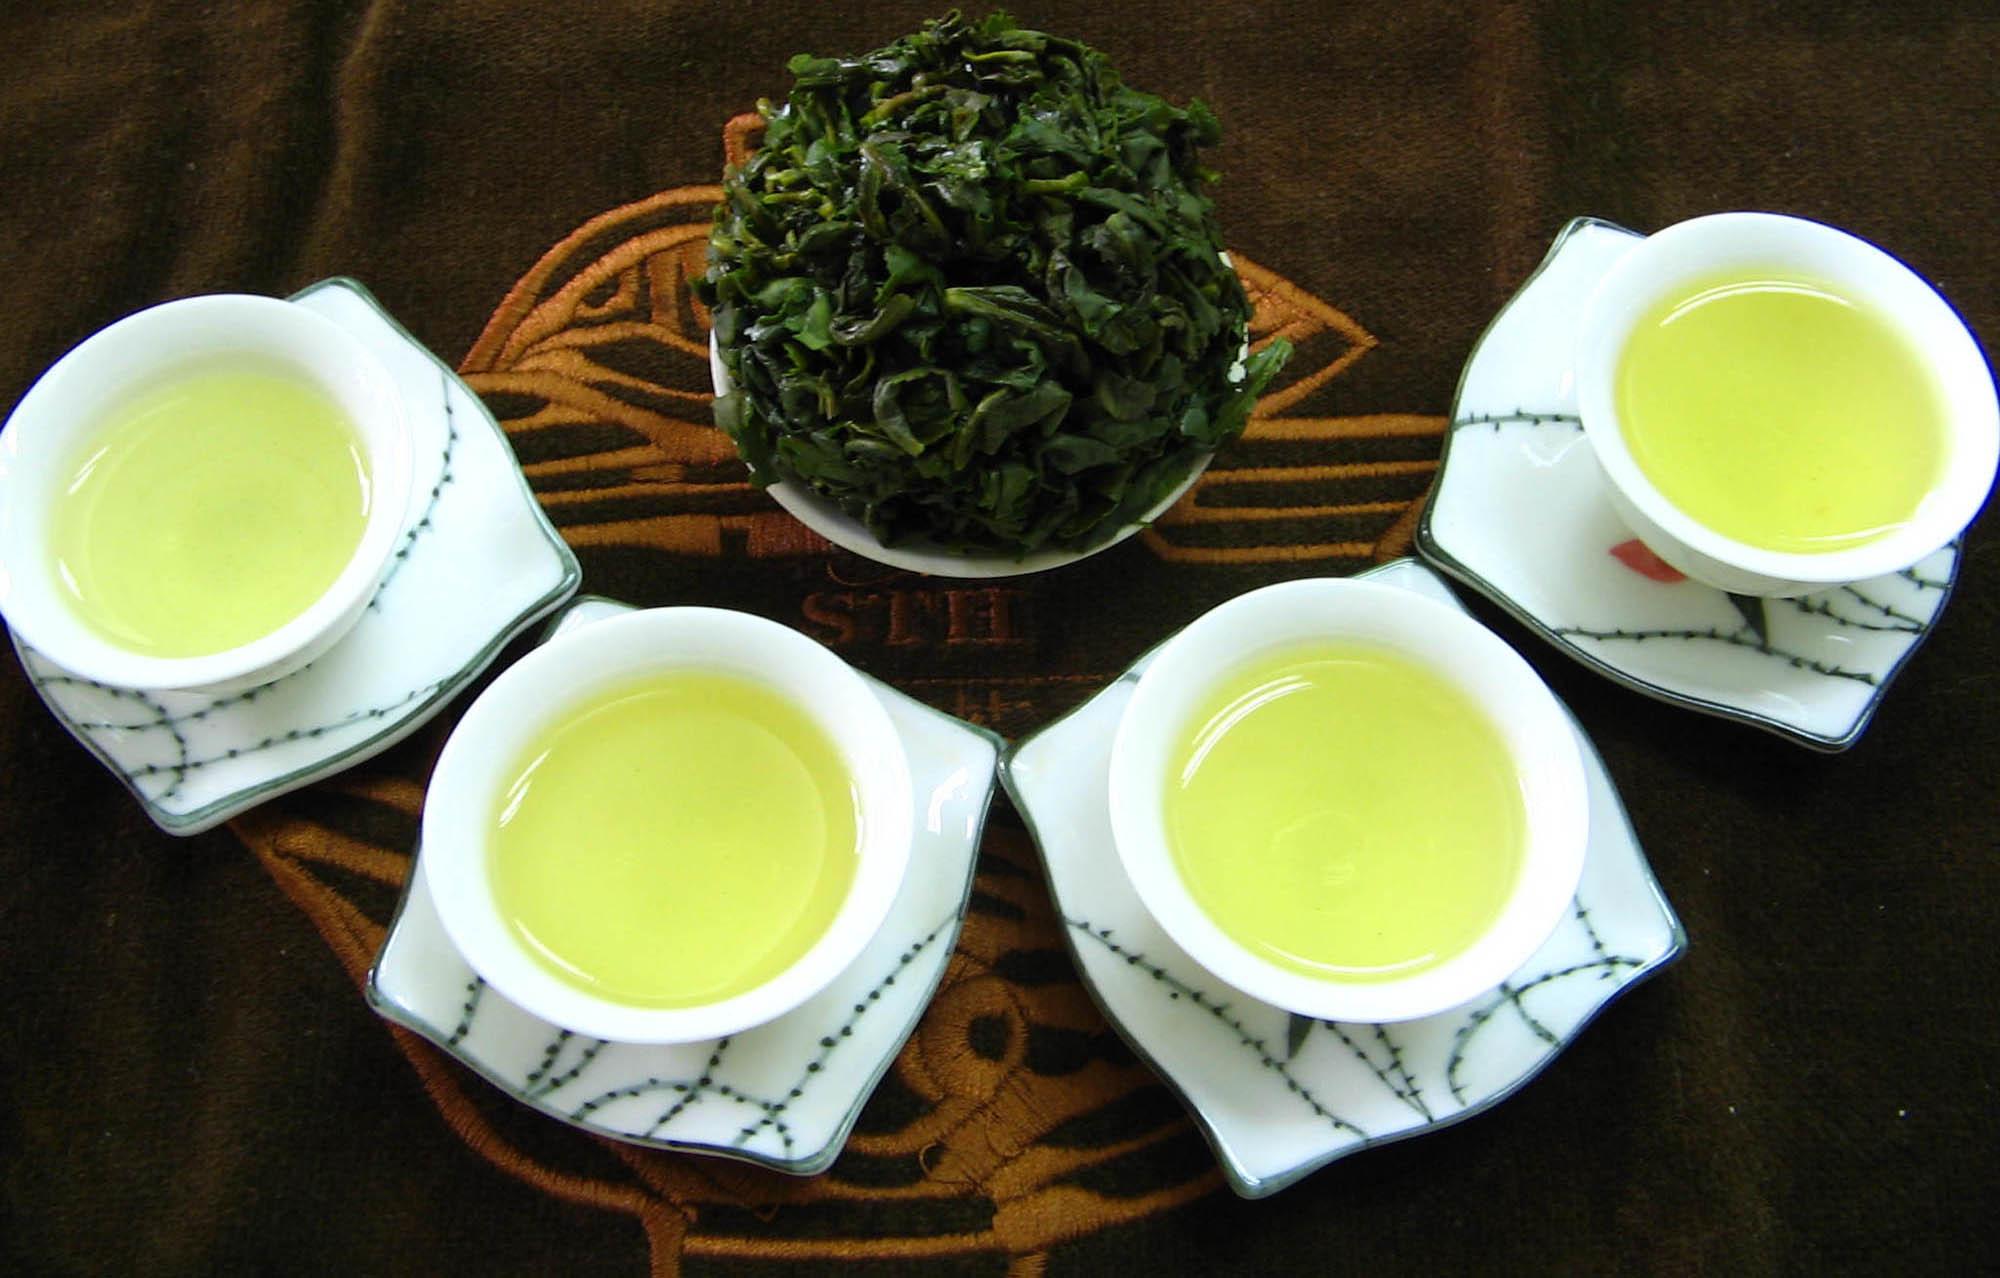 茶链世界小知识:你知道绿茶有哪些关键词吗?你对绿茶了解多少?